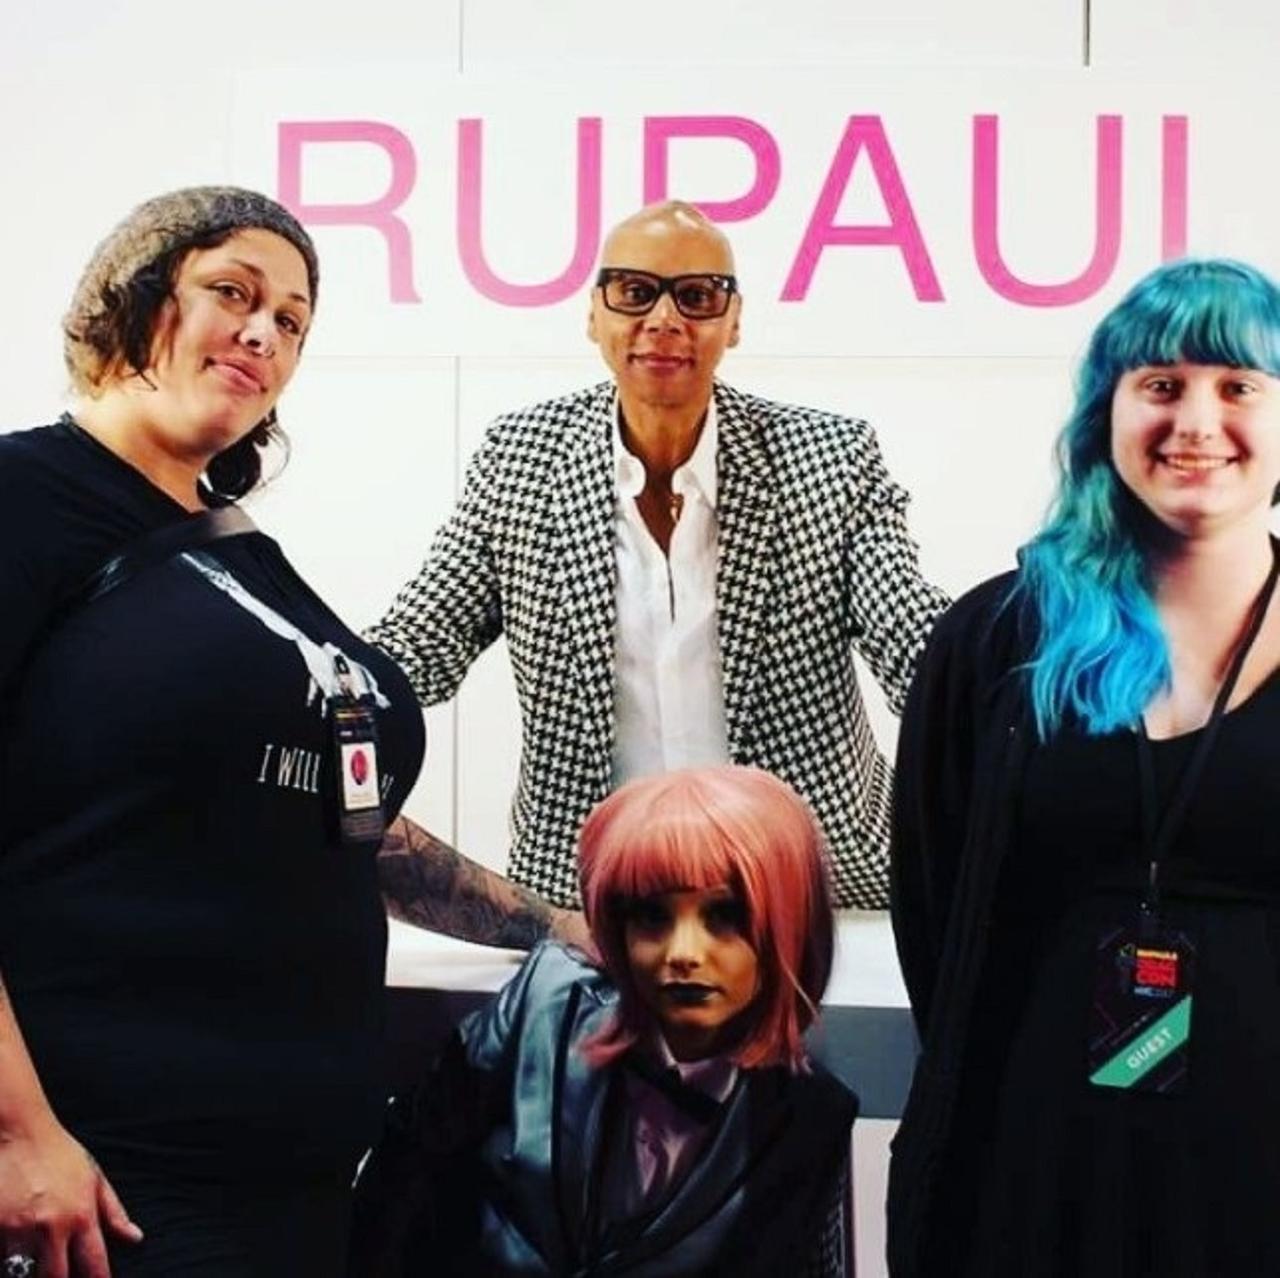 画像: 中央がノーメイクのル・ポール。左の黒髪の女性がラクテイシアの母親。©Ru Paul's Drag Con